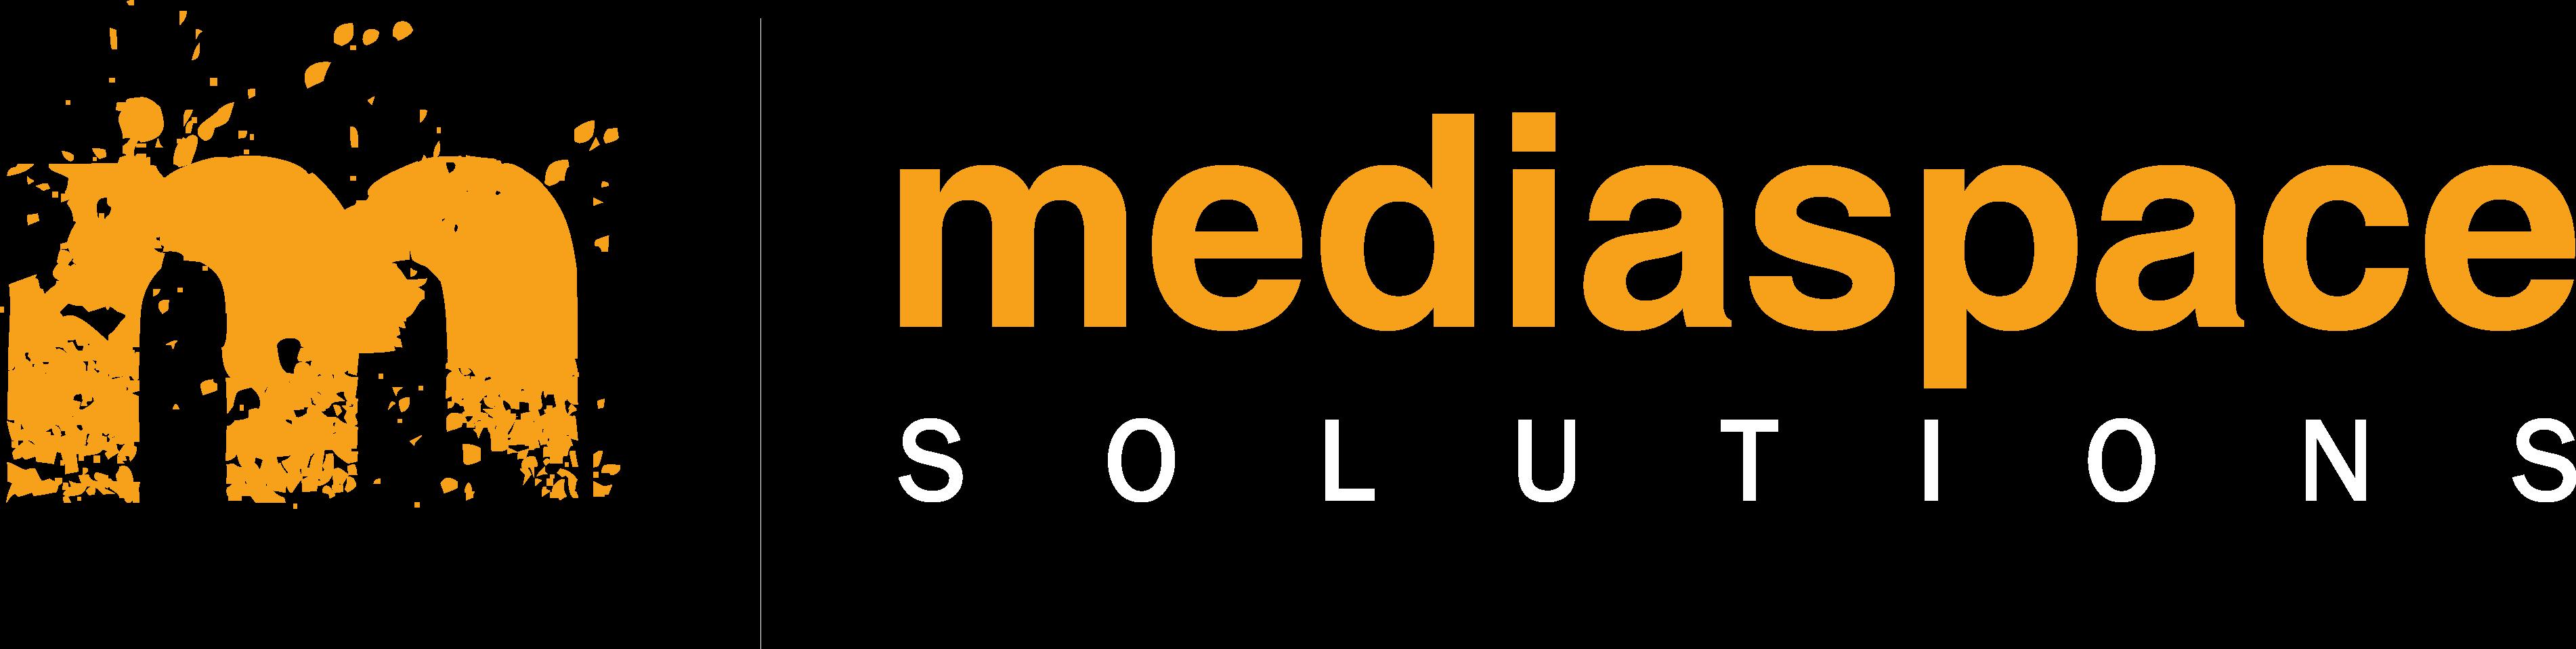 logo-35.png